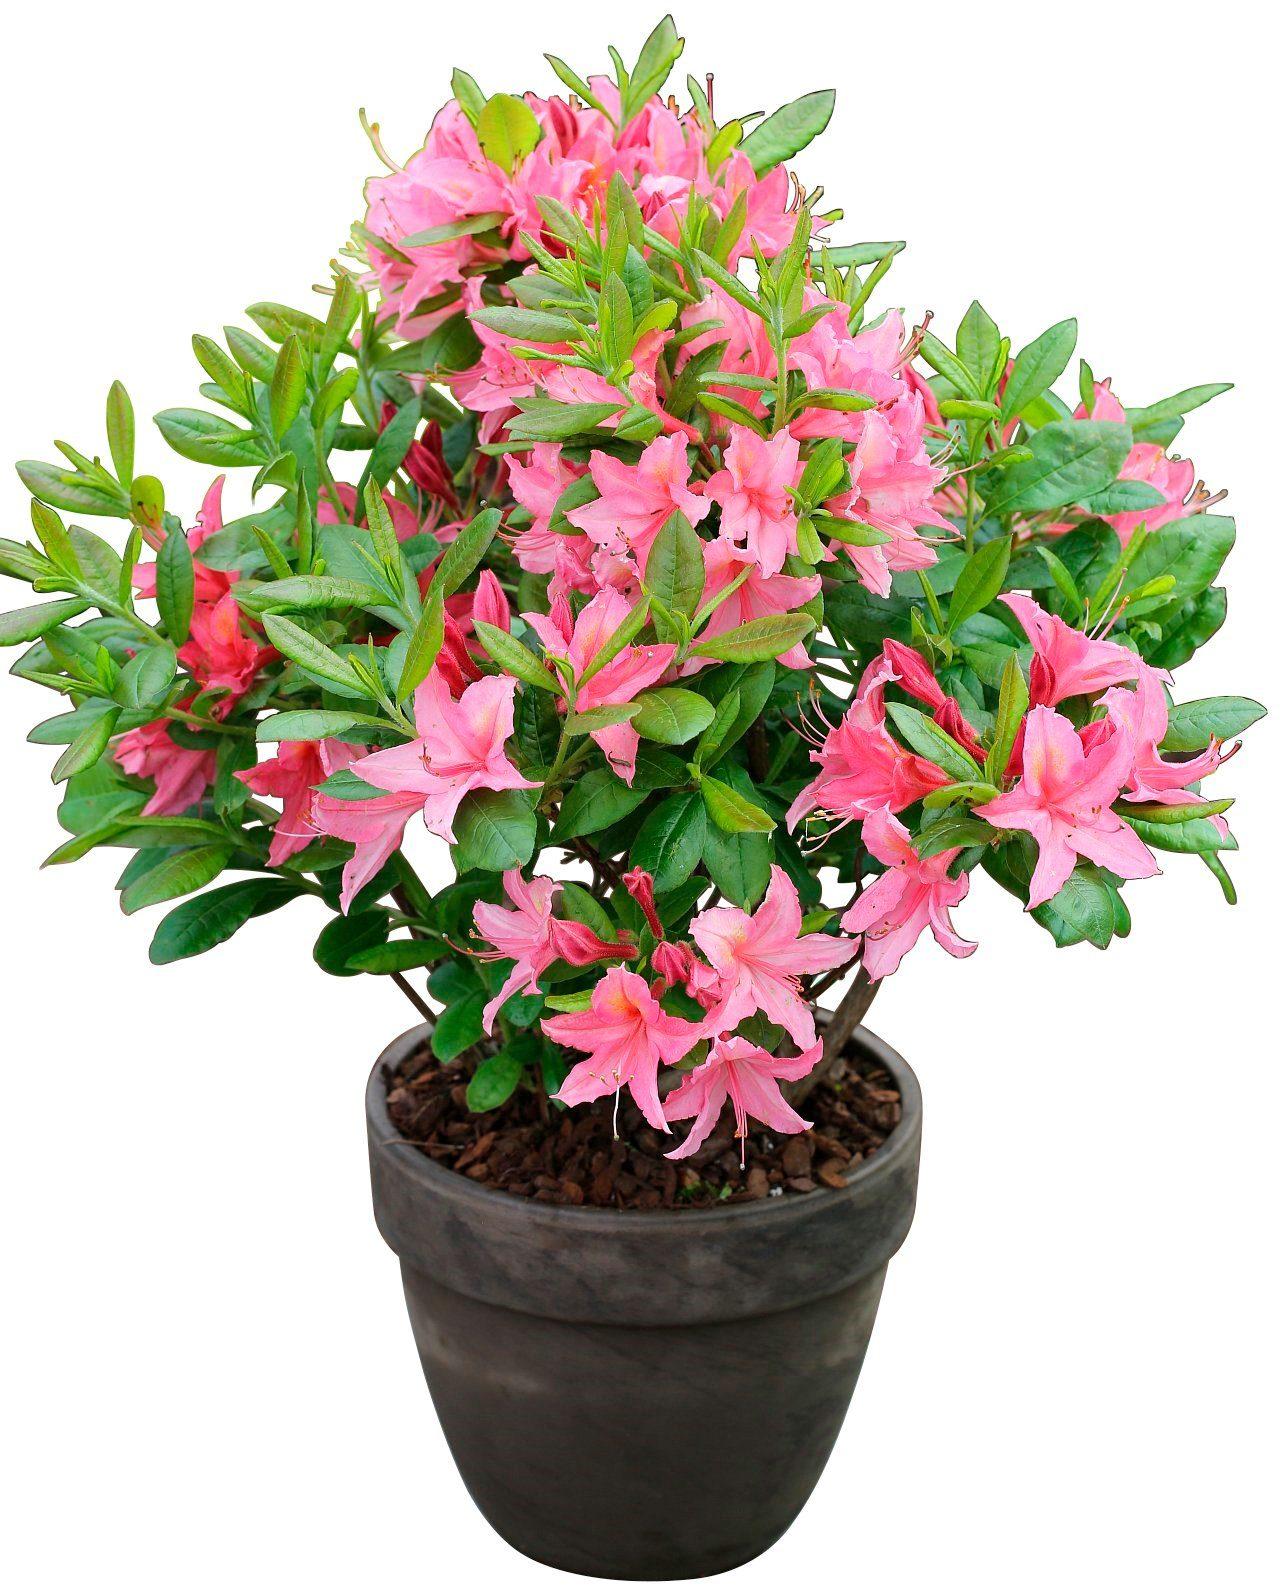 BCM Rhododendron »Jolie Madame«, Höhe: 15 cm, 3 Pflanzen